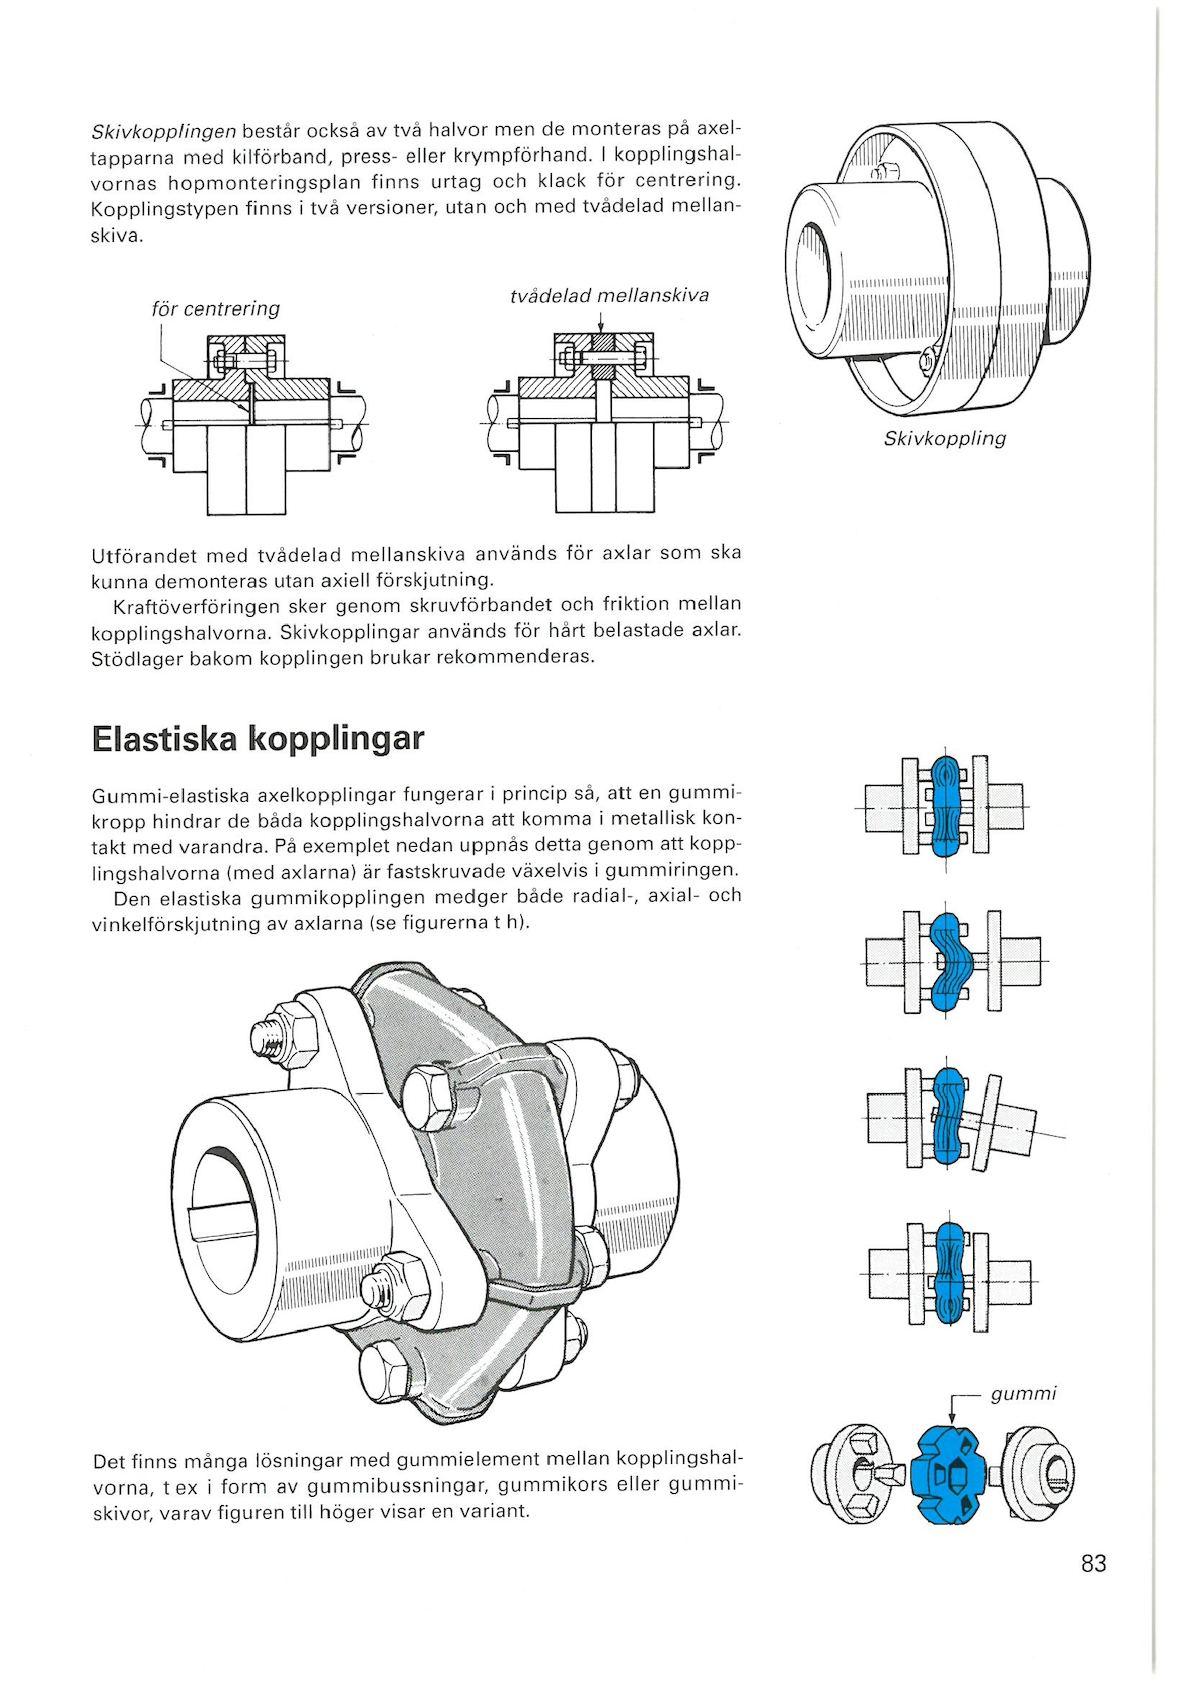 lösning av gummi i bensin